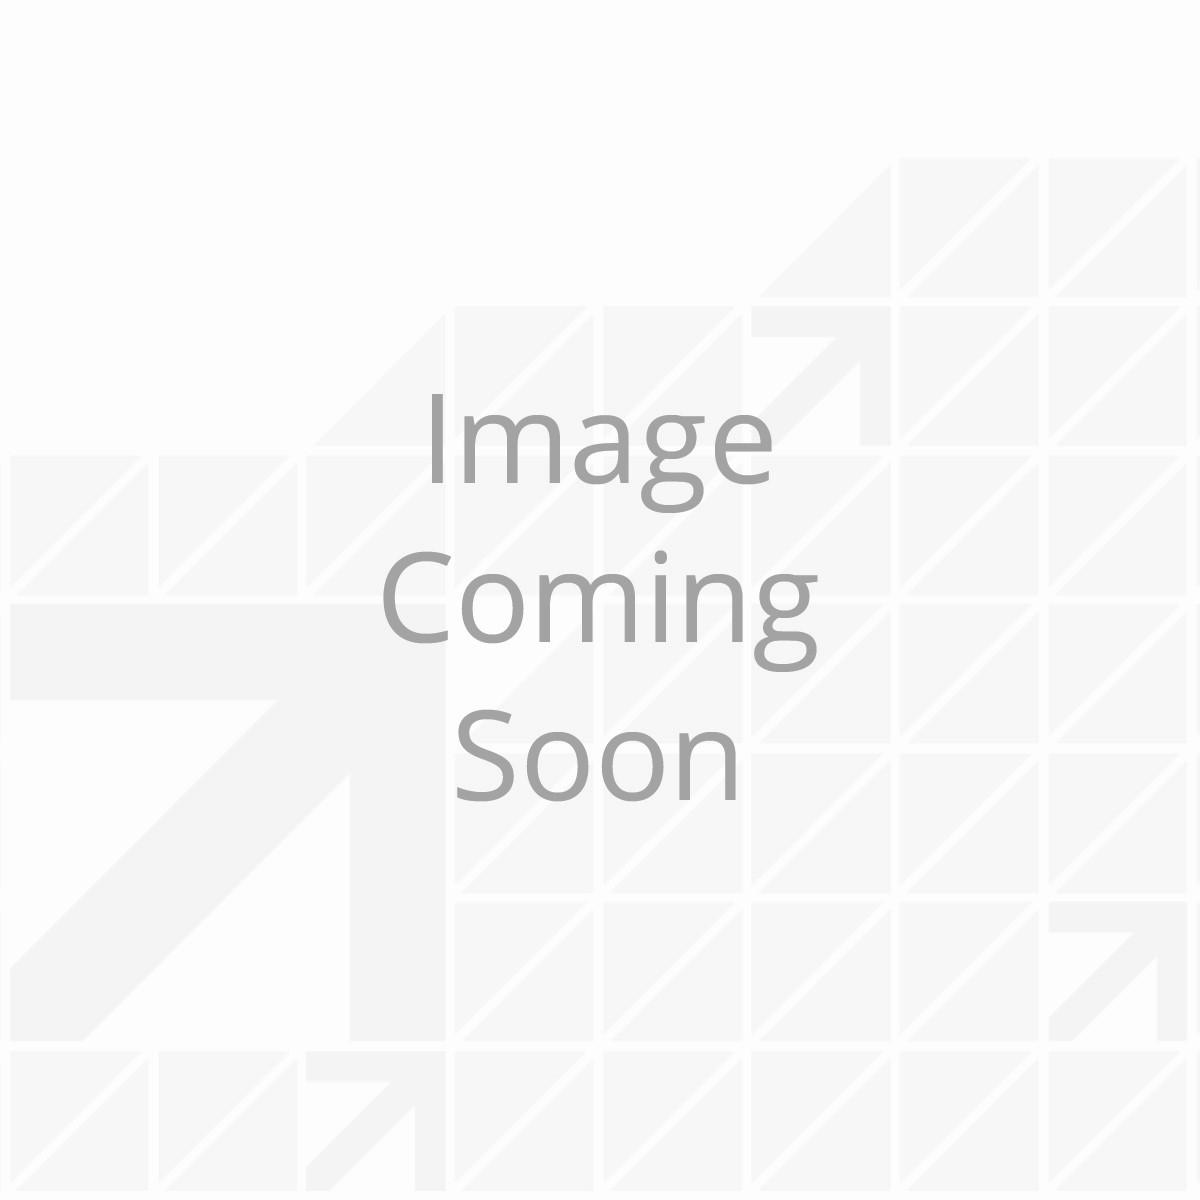 157584_-_stab_jack_foot_-_001